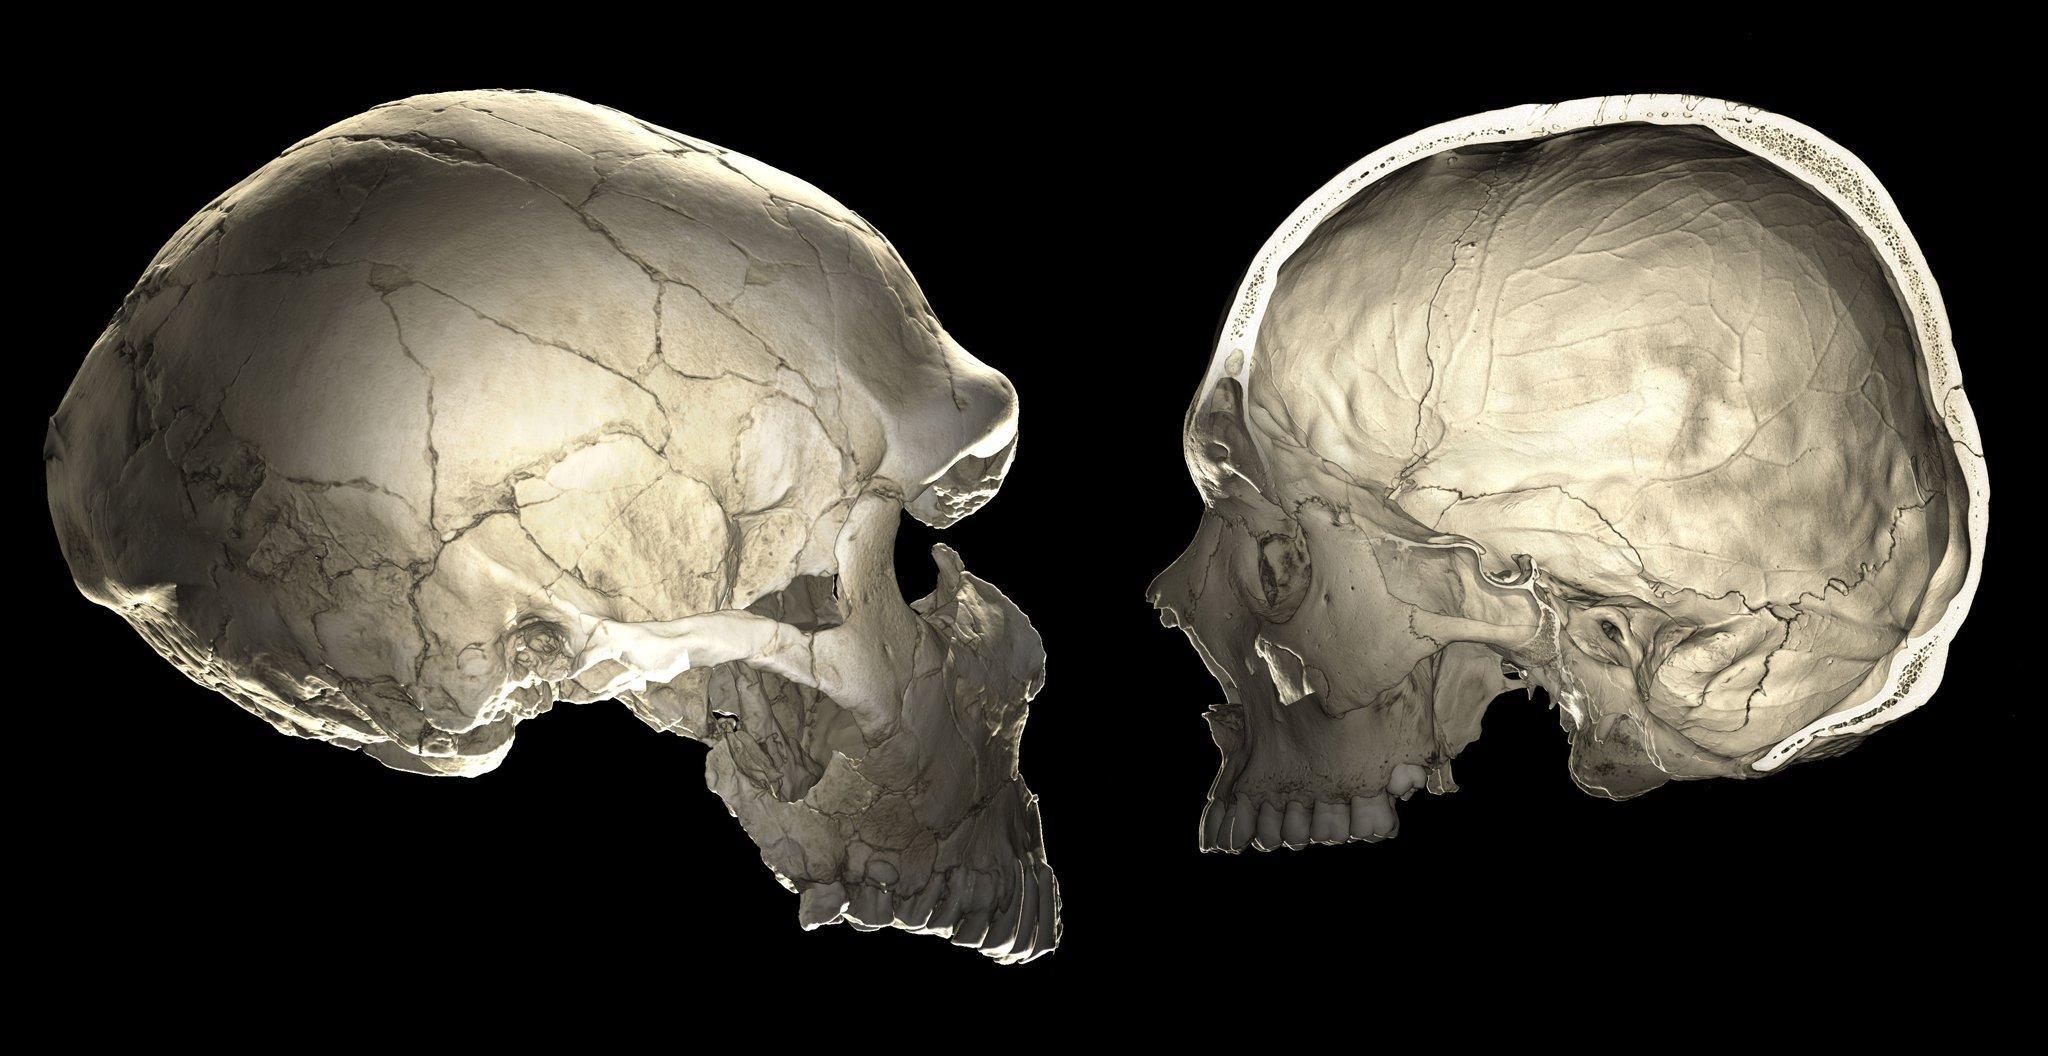 Das Bild zeigt den länglichen Schädel eines Neandertalers und den rundlichen Schädel eines modernen Menschen. Forscher wollen herausfinden, welche Gene die Gehirnentwicklung beeinflussen und nutzen dazu diese im Computertomographen aufgenommenen Fotos, die das Innere des Schädels und die Struktur des Gehirns erkennen lassen.